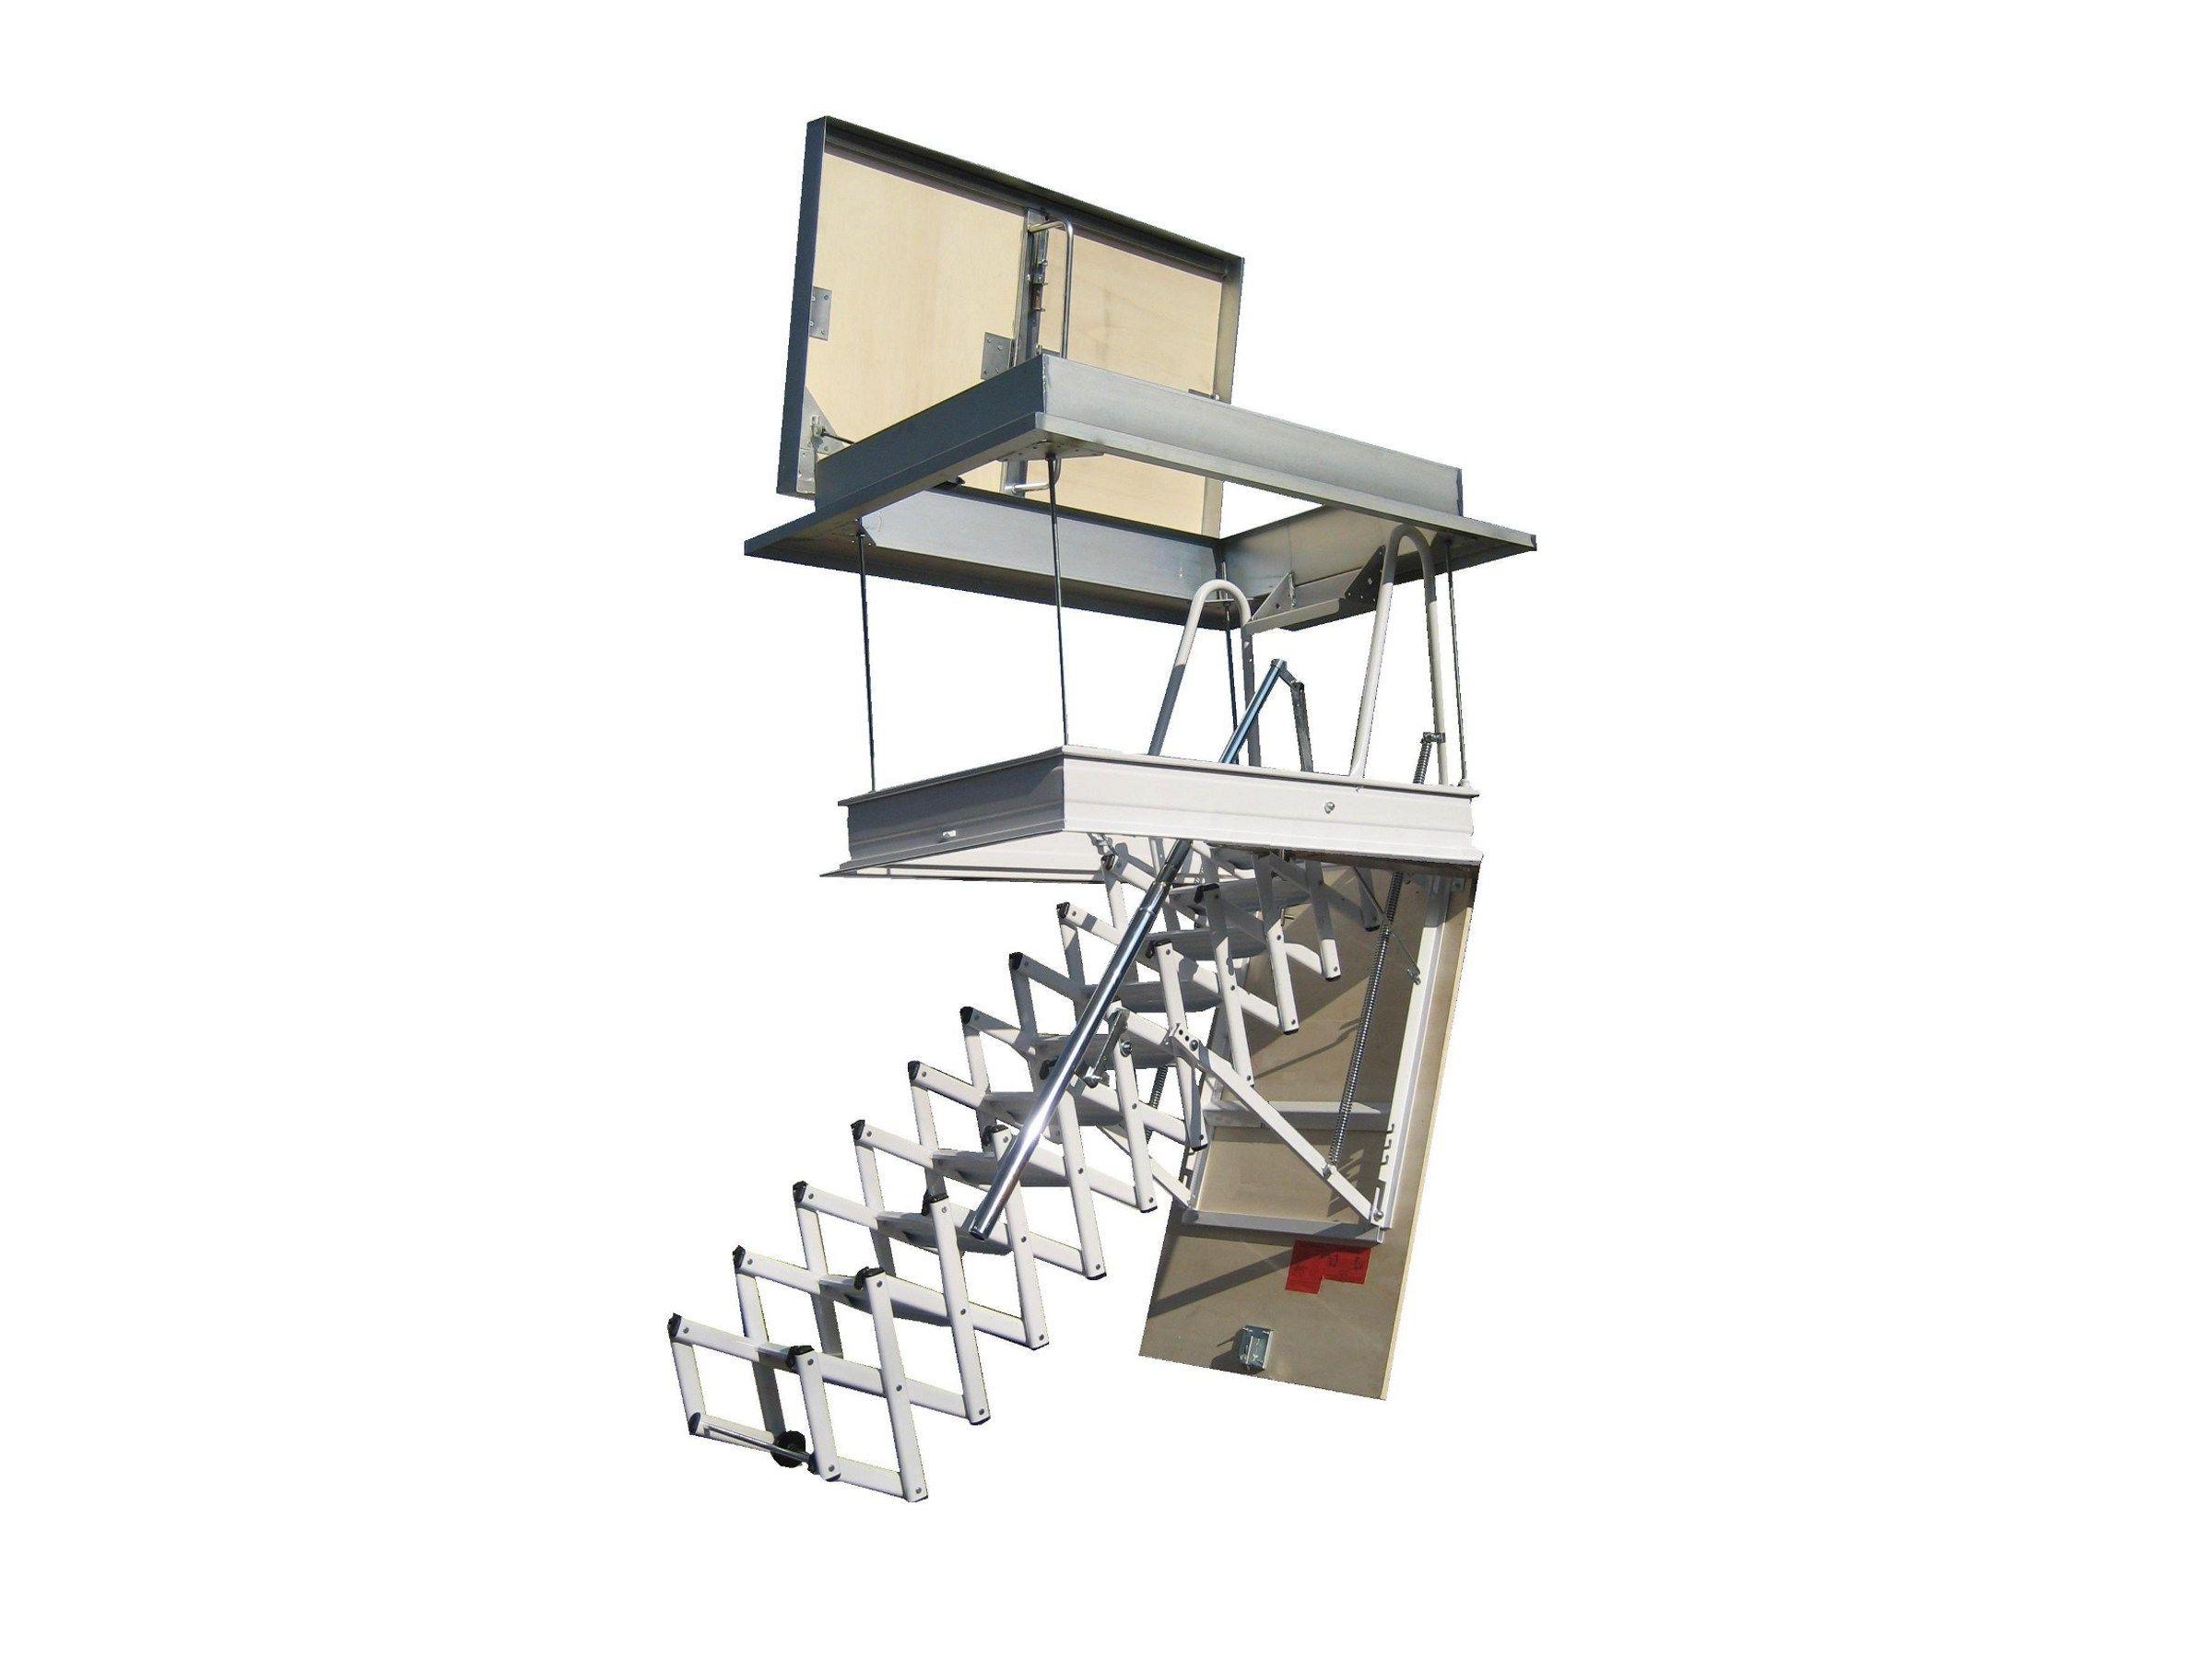 Escalera retr ctile en acero para azoteas starlux elegant for Escaleras retractiles